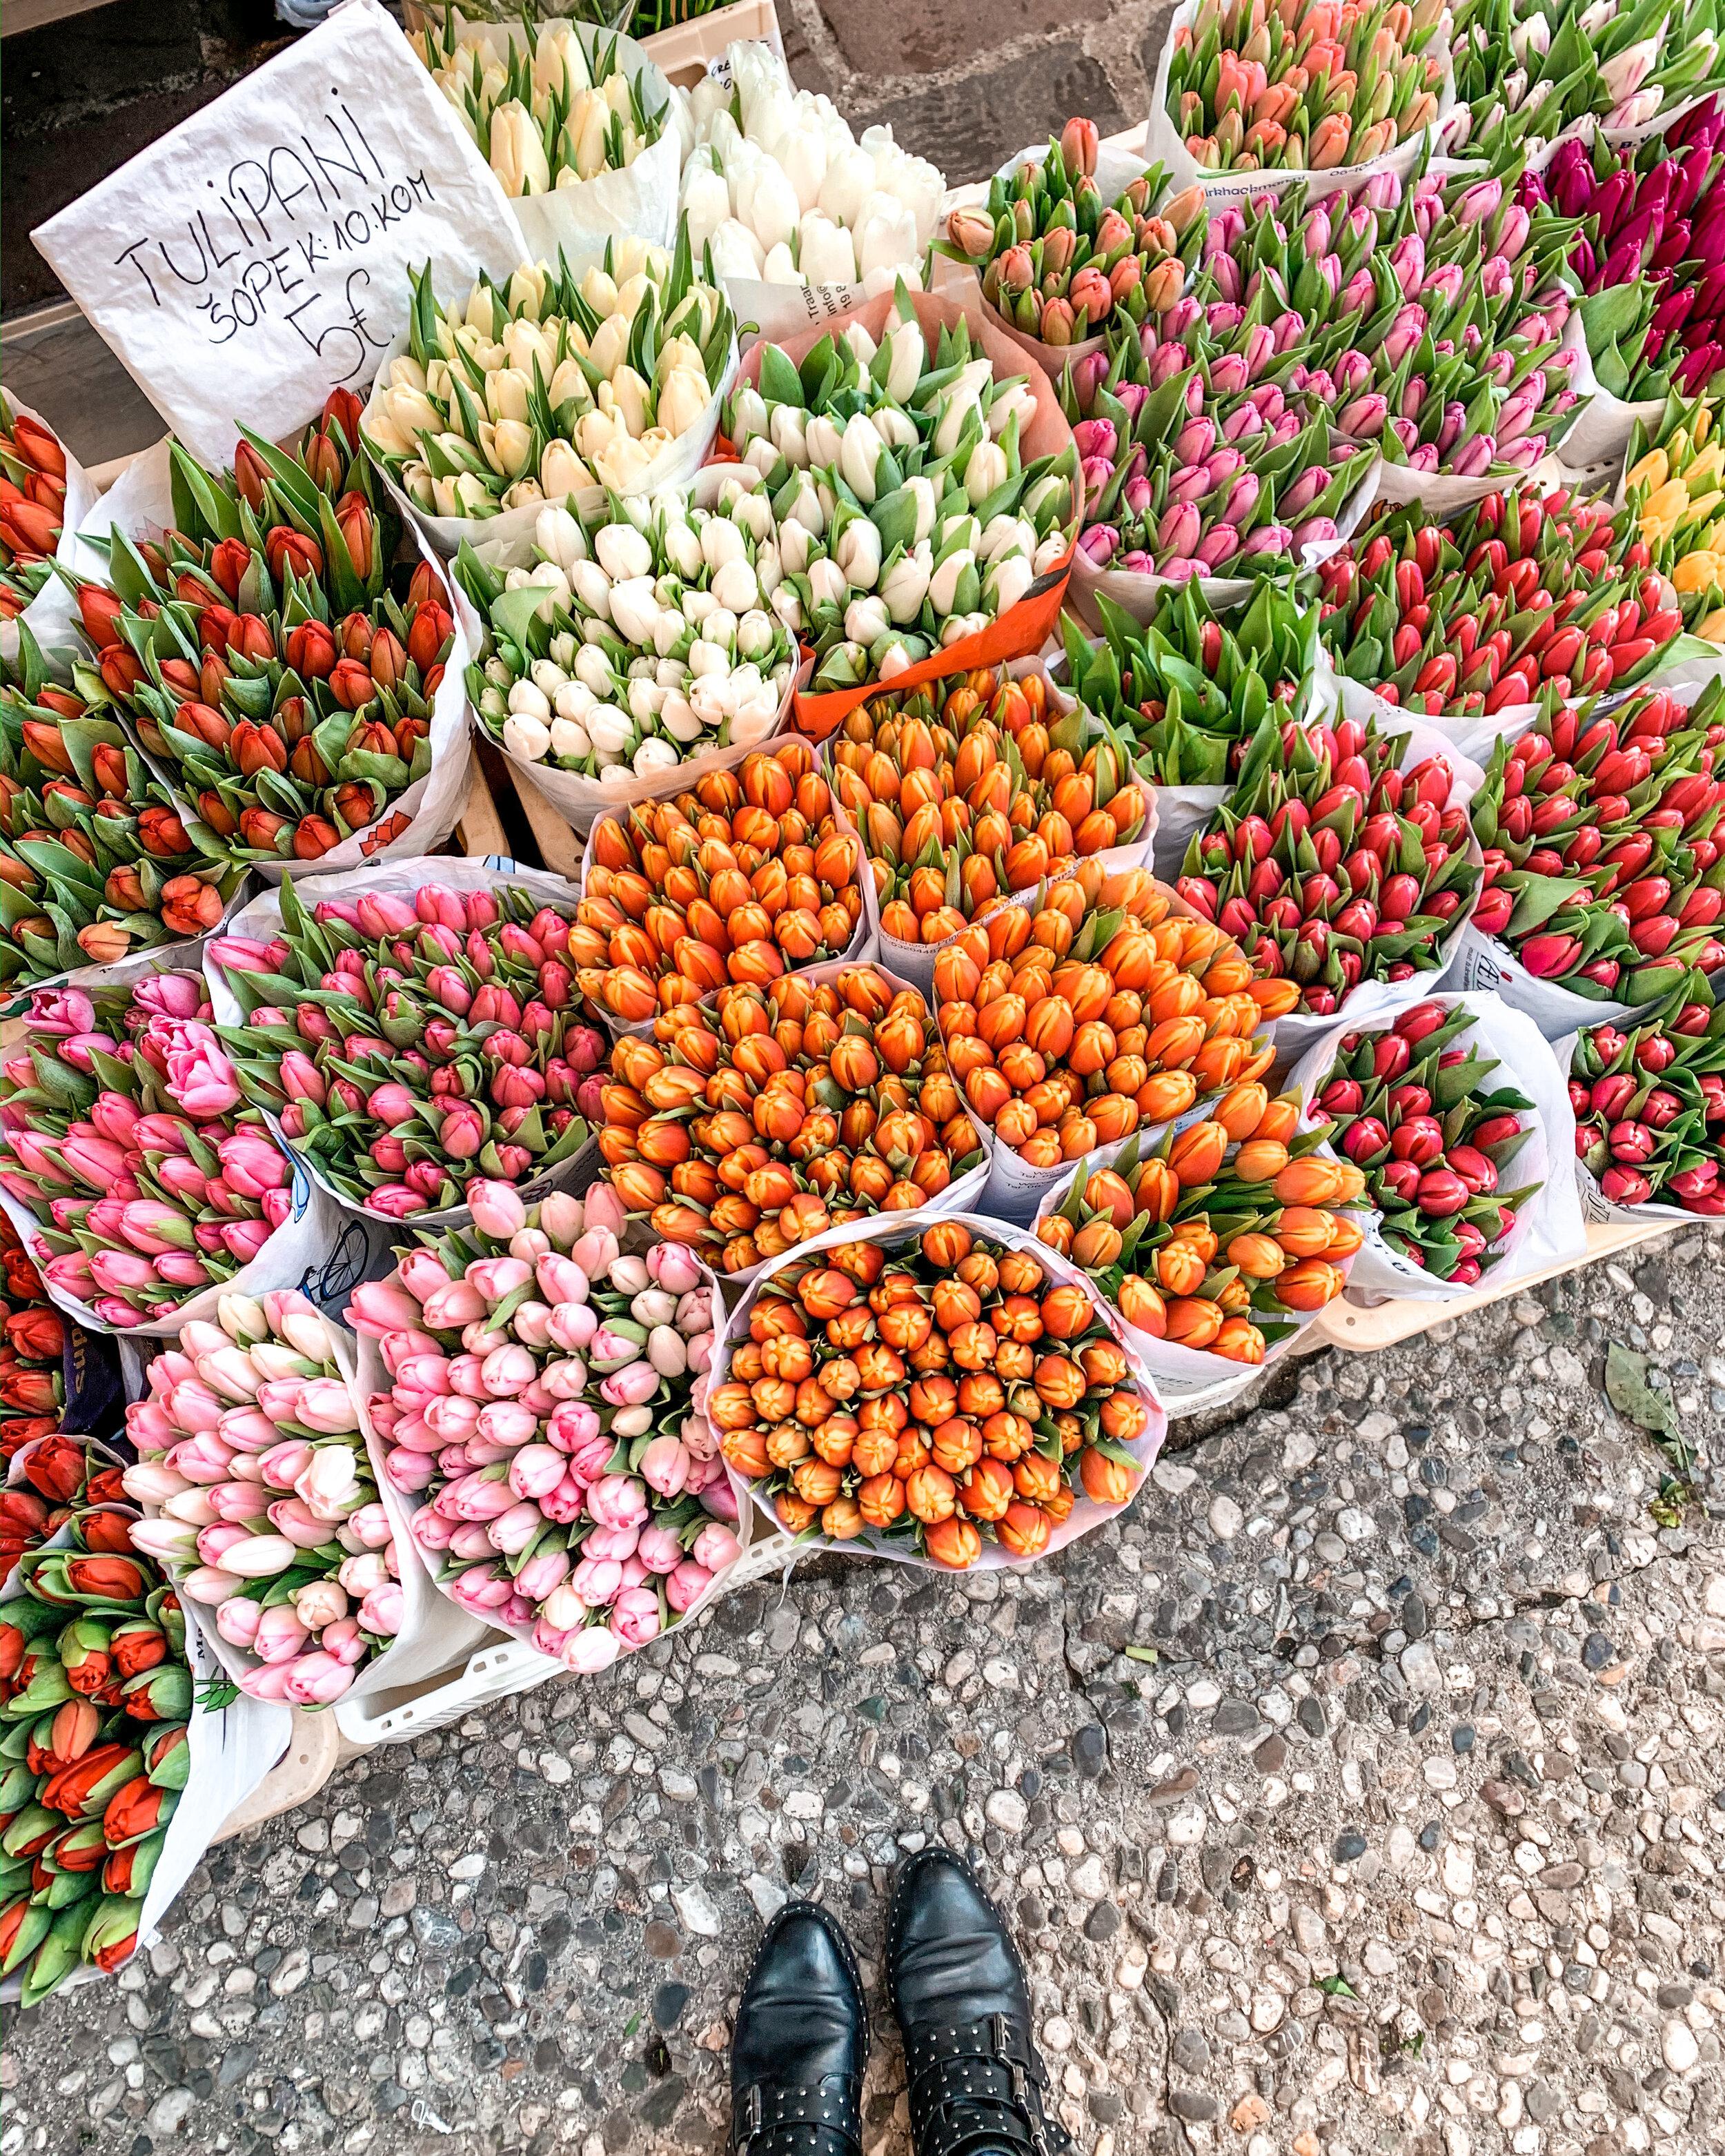 Flower market in Ljubljana, Slovenia